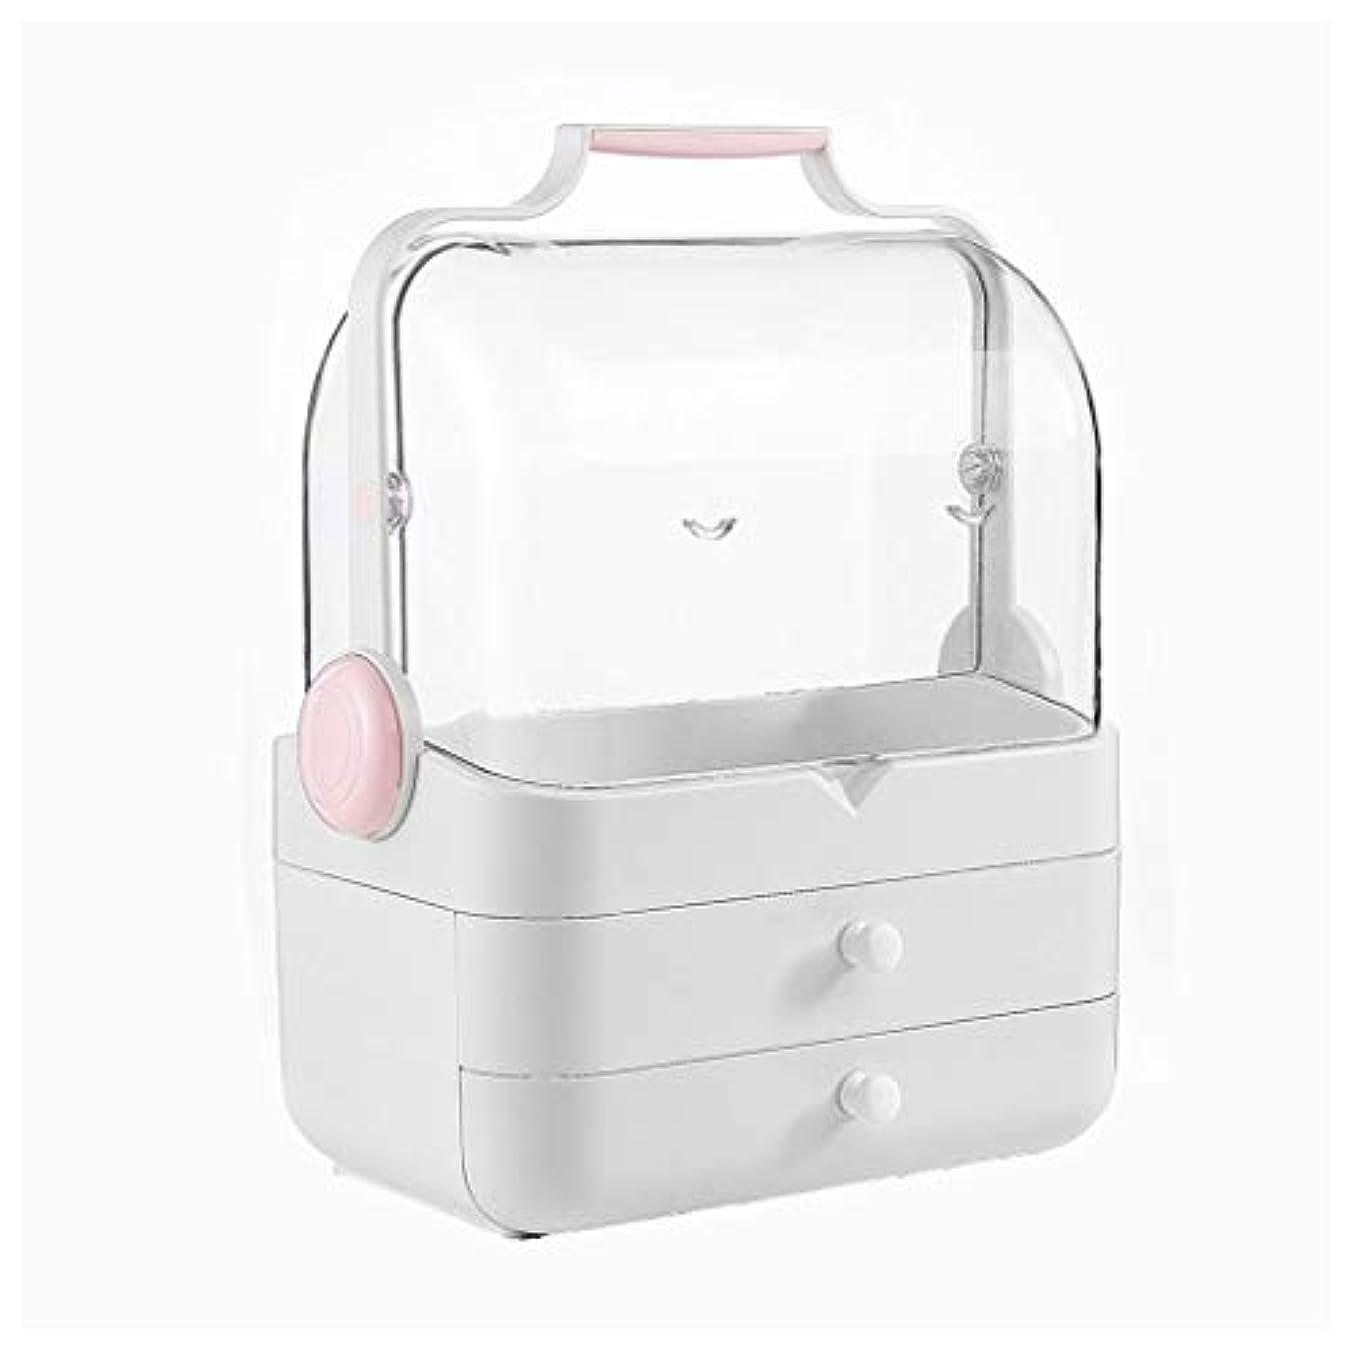 破産教え元のLDG クリア 化粧品収納ボックス、プラスチック ポータブル 大容量 引き出し 蓋 防水 防塵 メイクケース (Color : A)